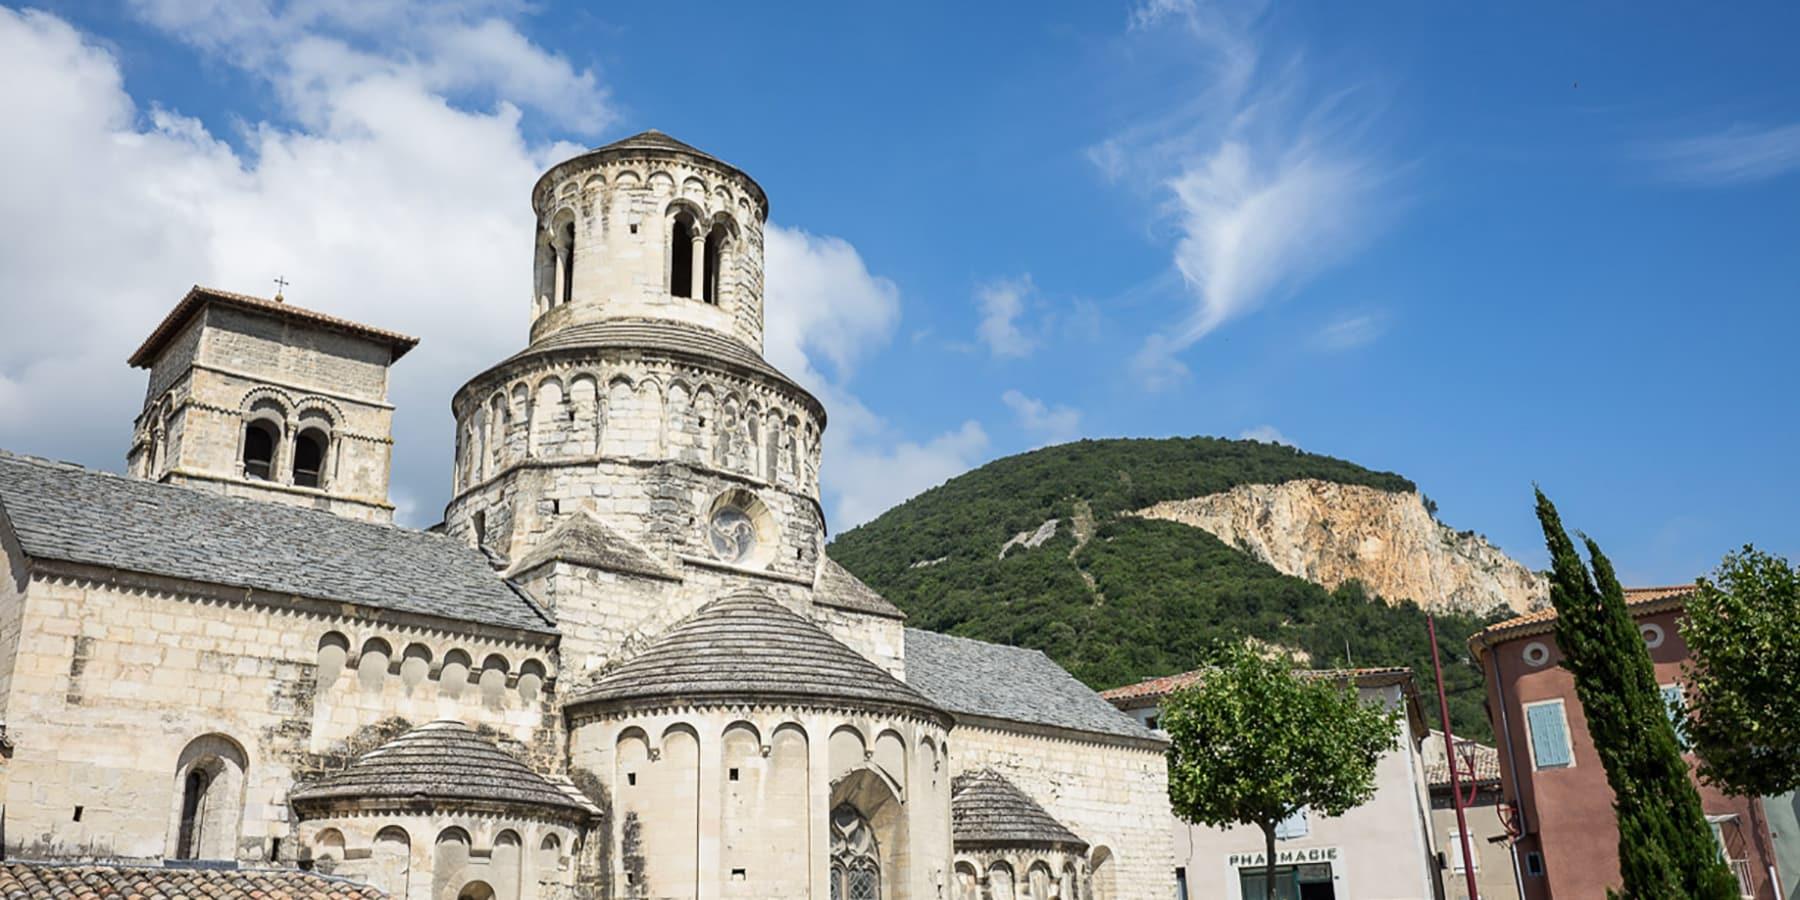 Abbatiale-cruas-tourisme-sud-ardeche-rhone_1800x900_acf_cropped